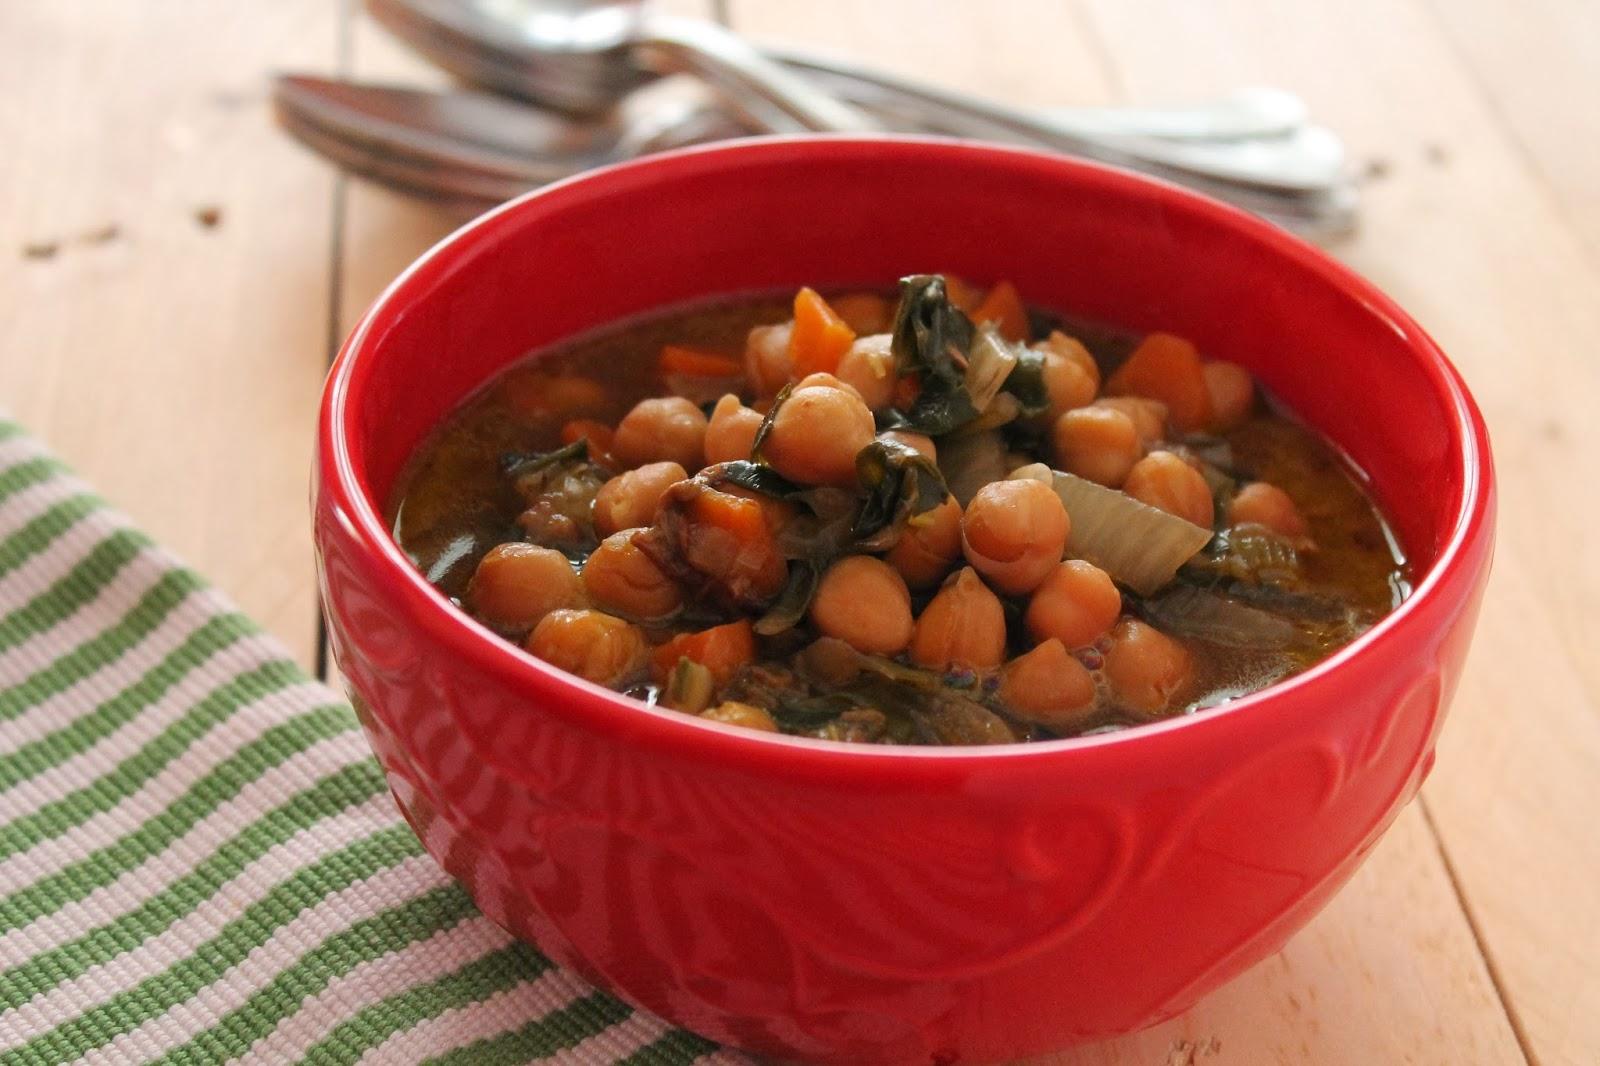 la zuppa di ceci di carla